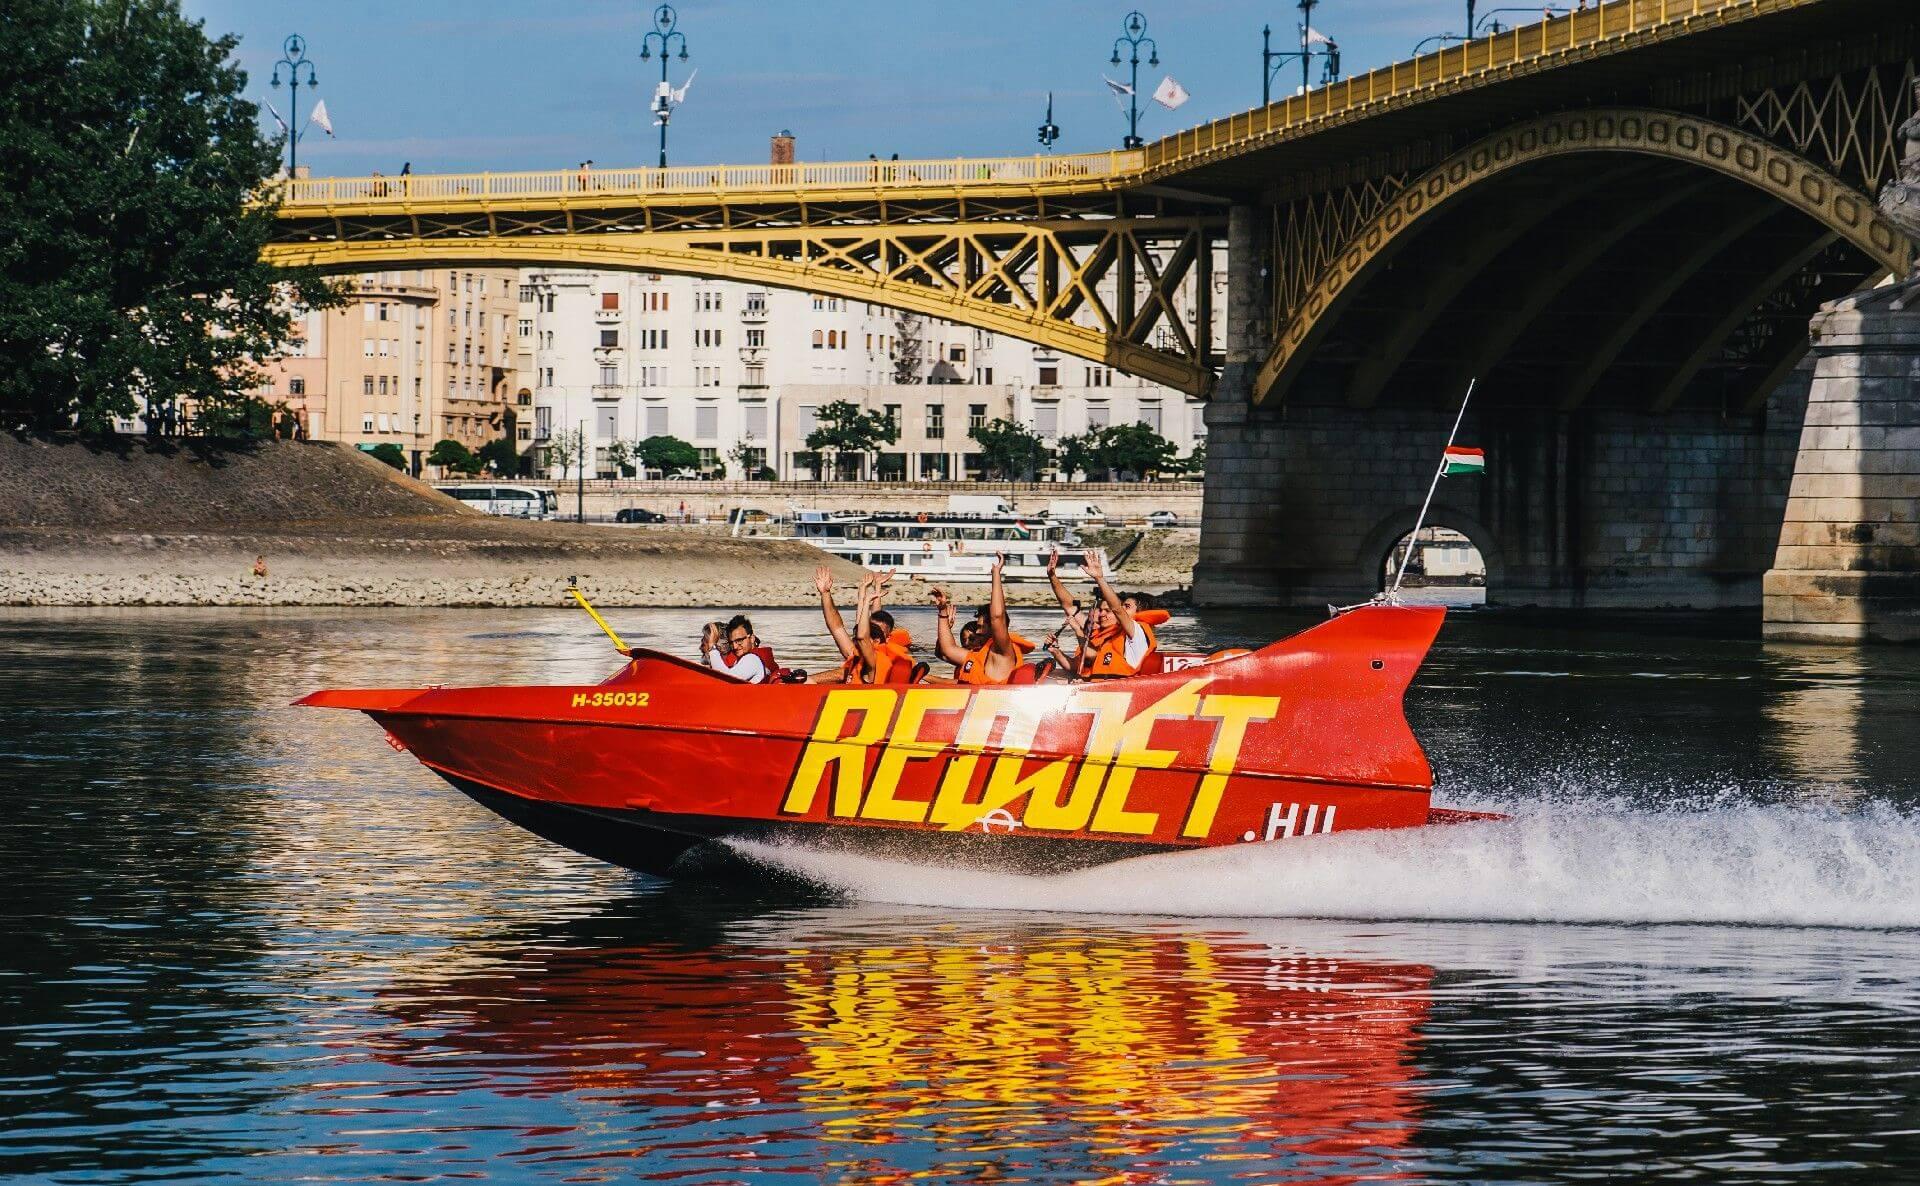 ראד ג'ט סירת מנוע מרוץ על נהר הדנובה בבודפשט